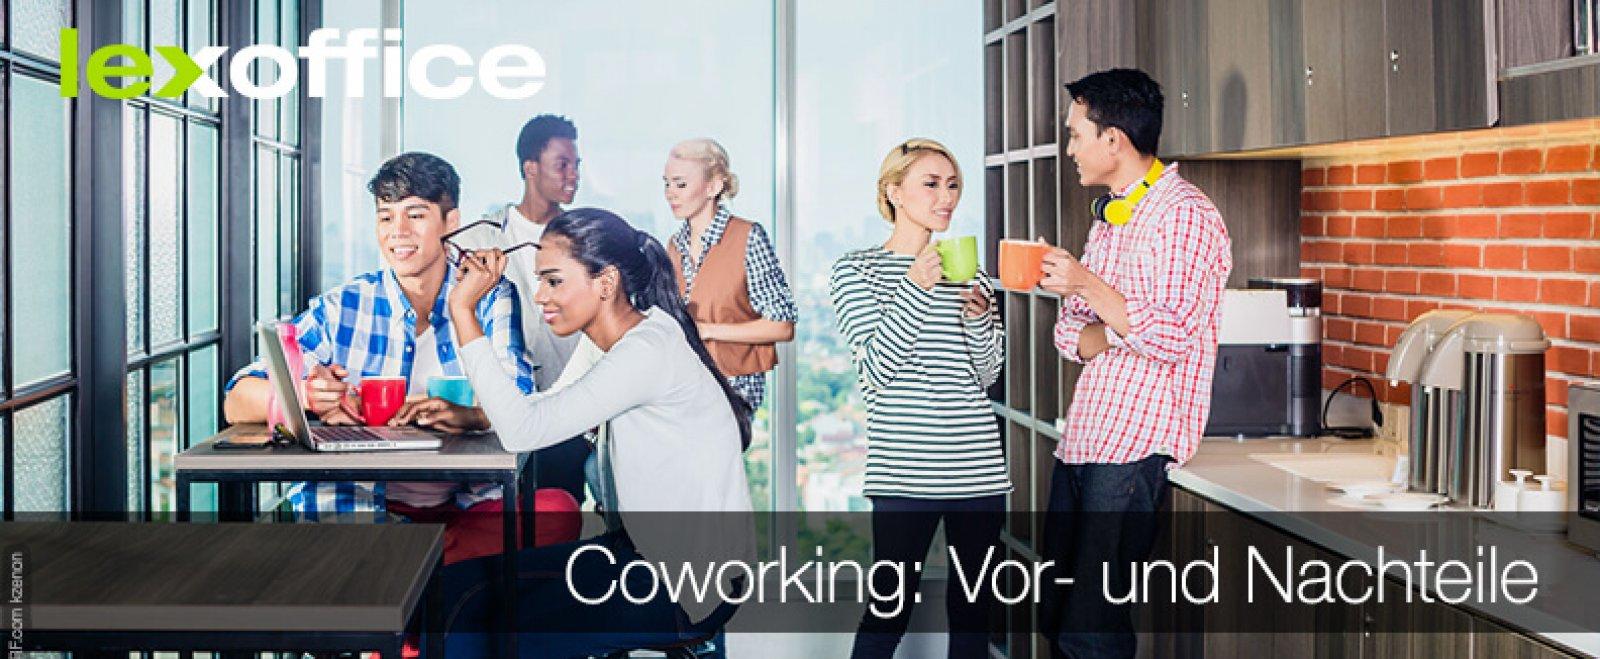 Coworking: Vor- und Nachteile unter die Lupe genommen